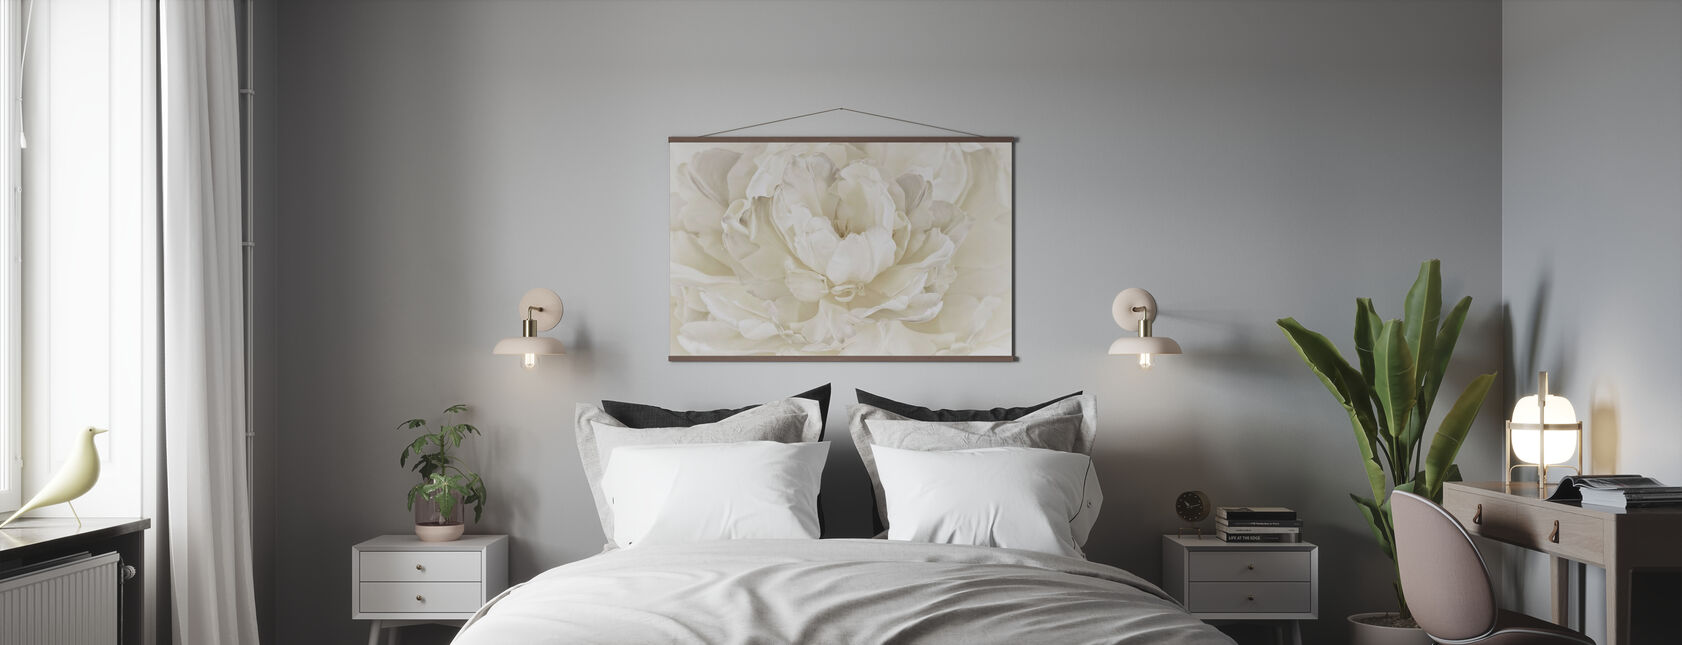 Elfenbein Weiß Doppel Tulpe - Poster - Schlafzimmer